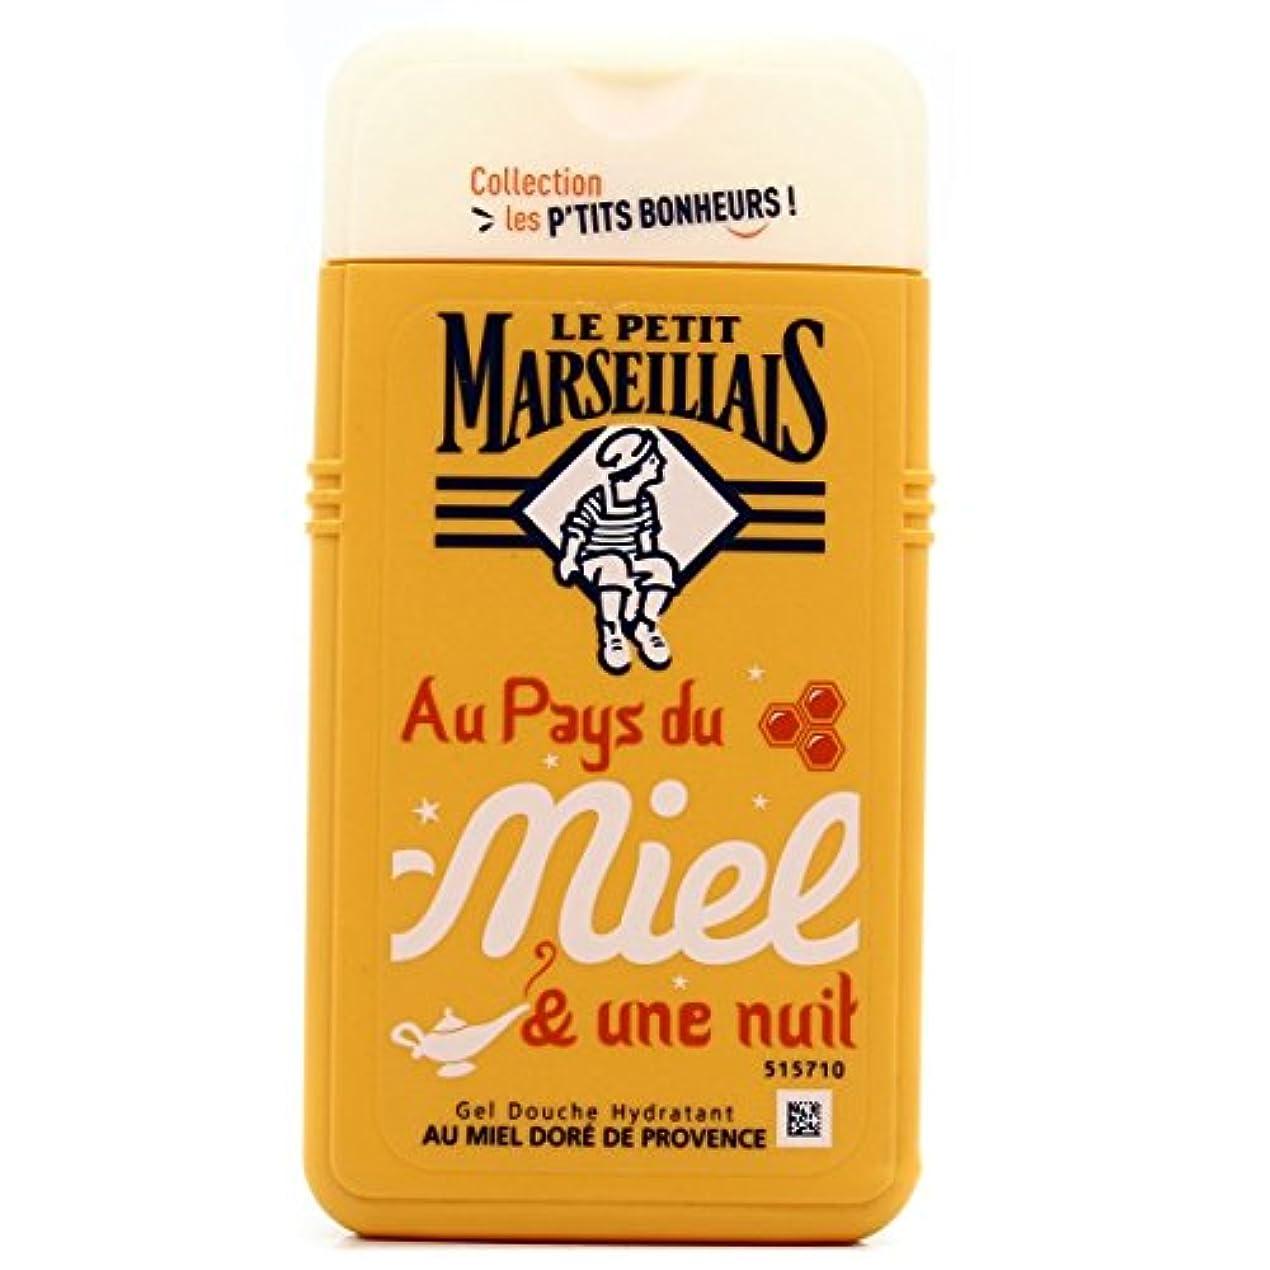 スタジアムトロイの木馬マニュアルル?プティ?マルセイユ (Le Petit Marseillais)les P'TITS BONHEURS はちみつ シャワージェル ボディウォッシュ 250ml